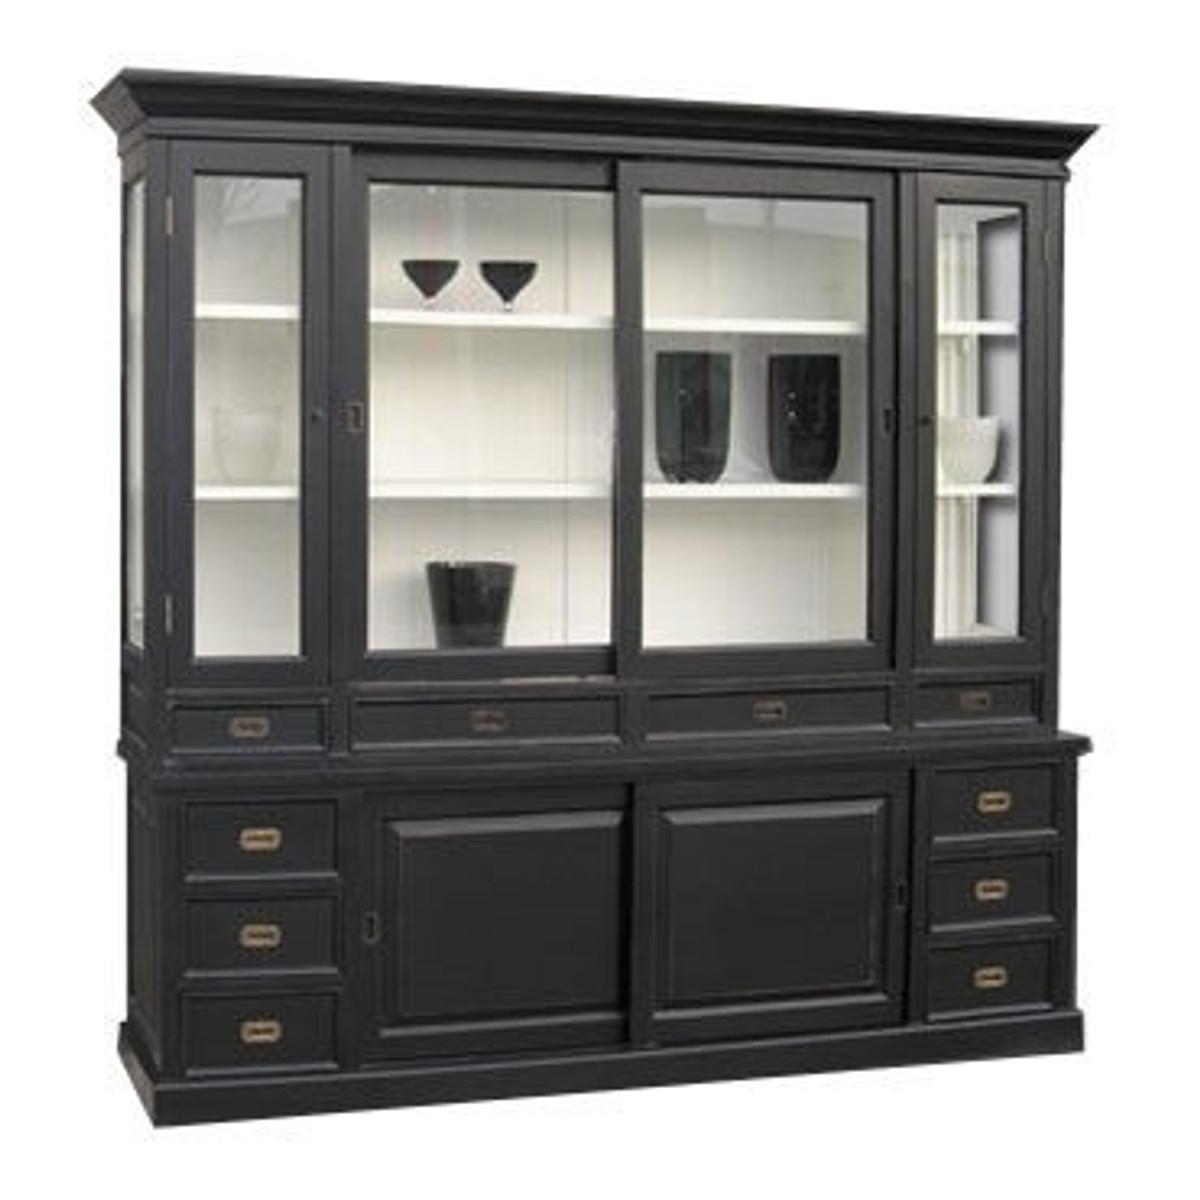 gro er shabby chic landhaus stil schrank mit 5 t ren und 10 schubladen buffetschrank schrank. Black Bedroom Furniture Sets. Home Design Ideas